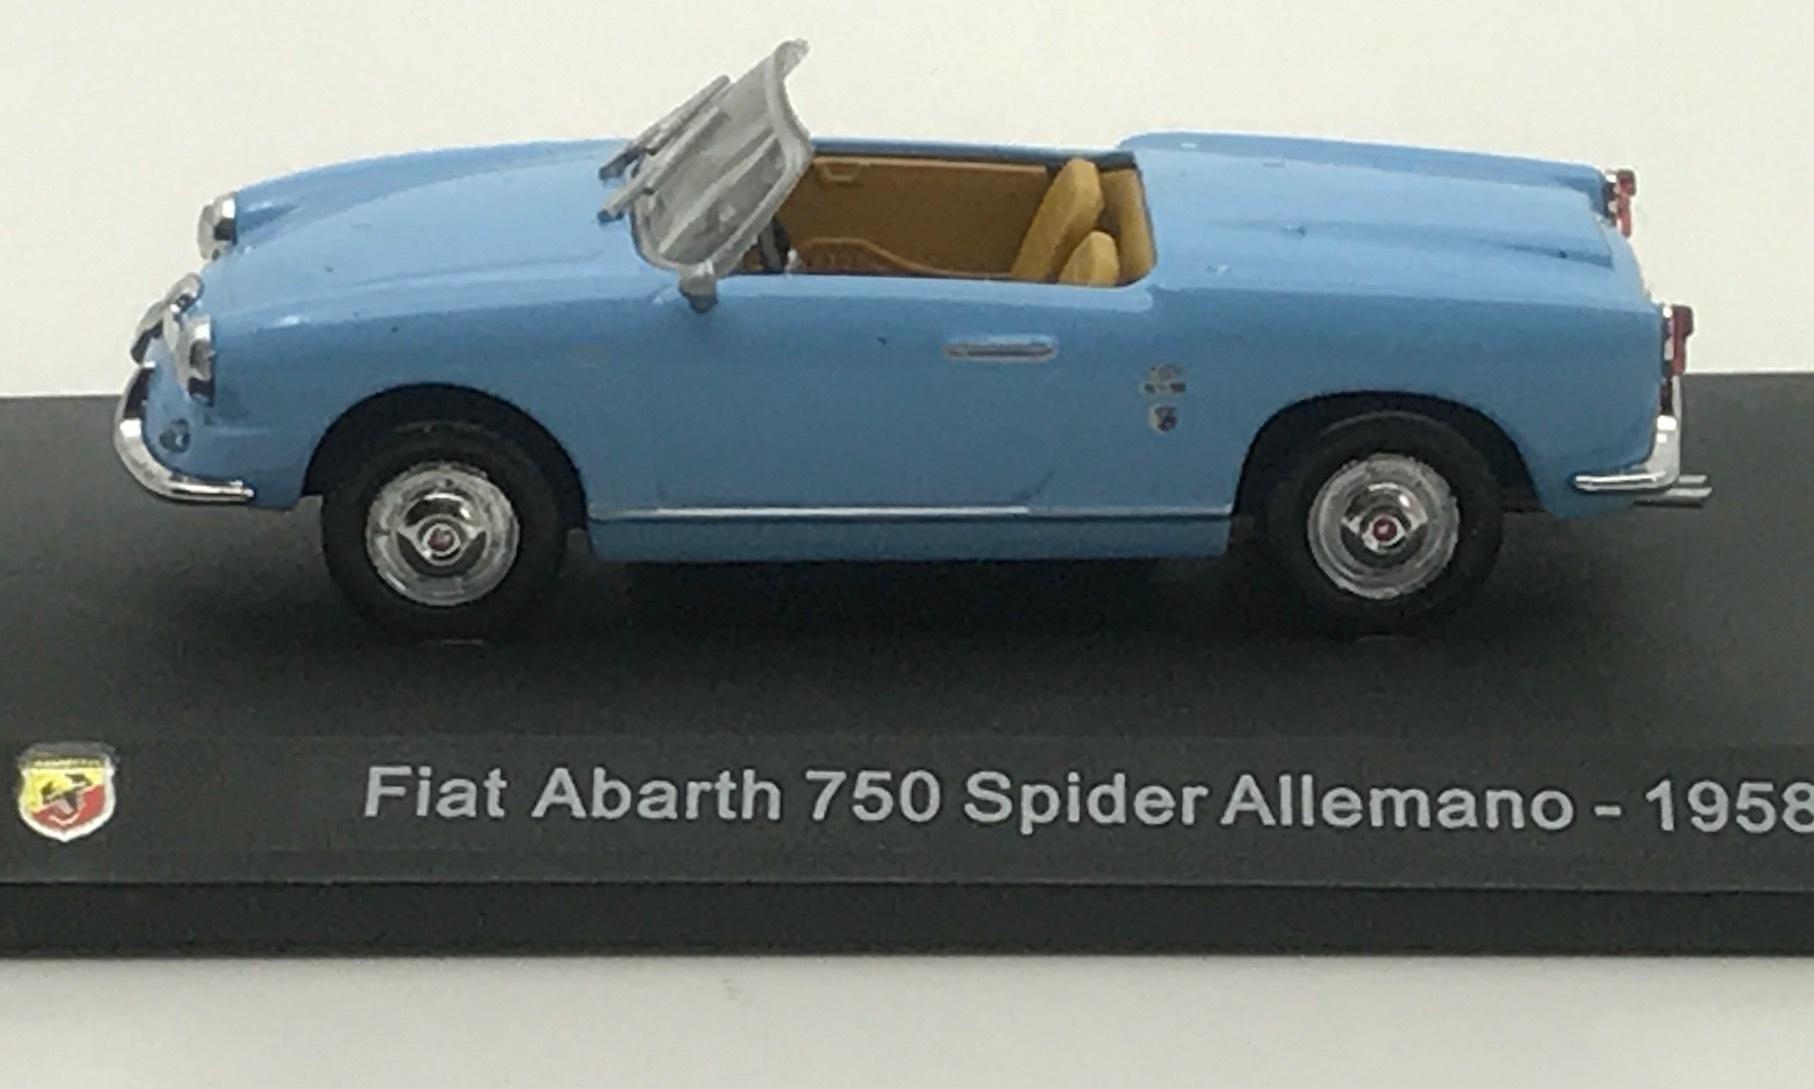 Fiat Abarth 750 Spider Allemano 1958 (1/43)